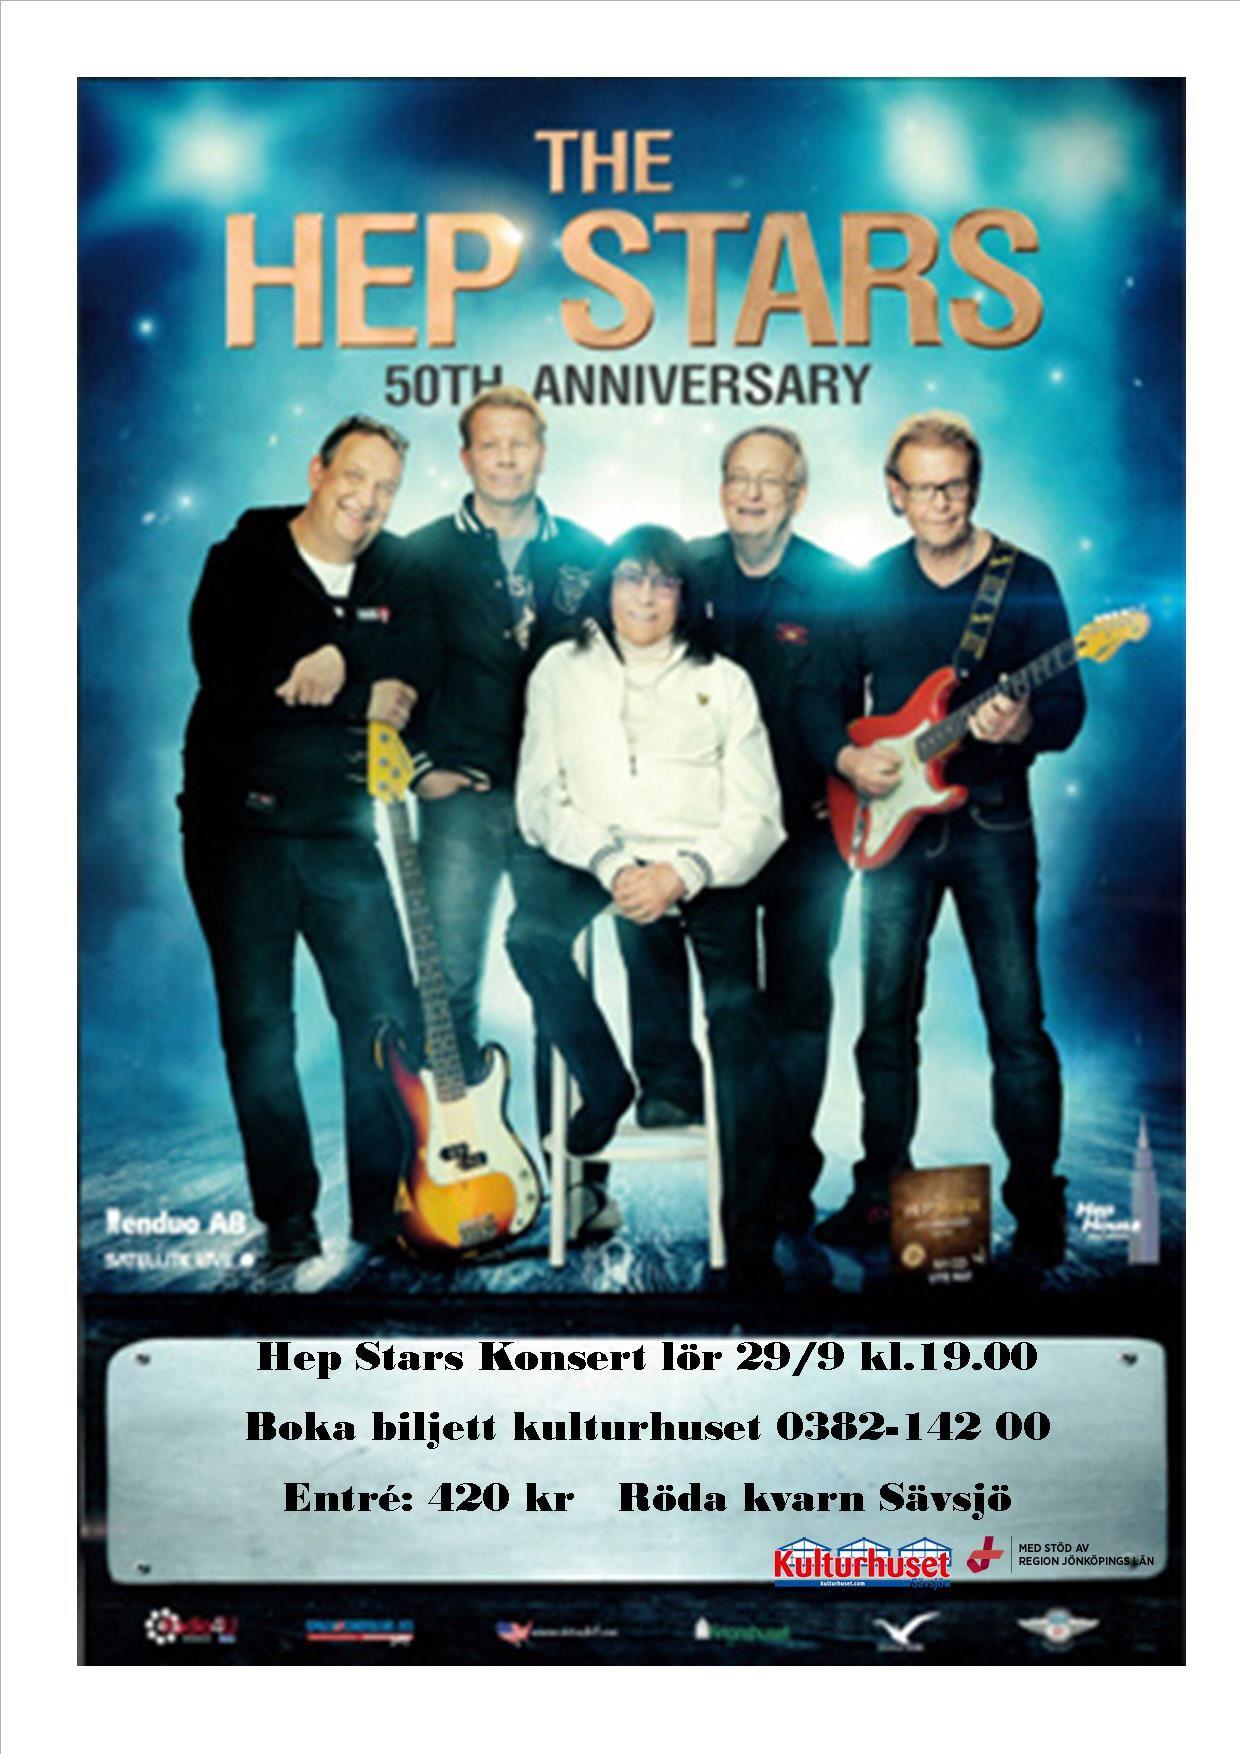 The Hep Stars 50th Anniversary